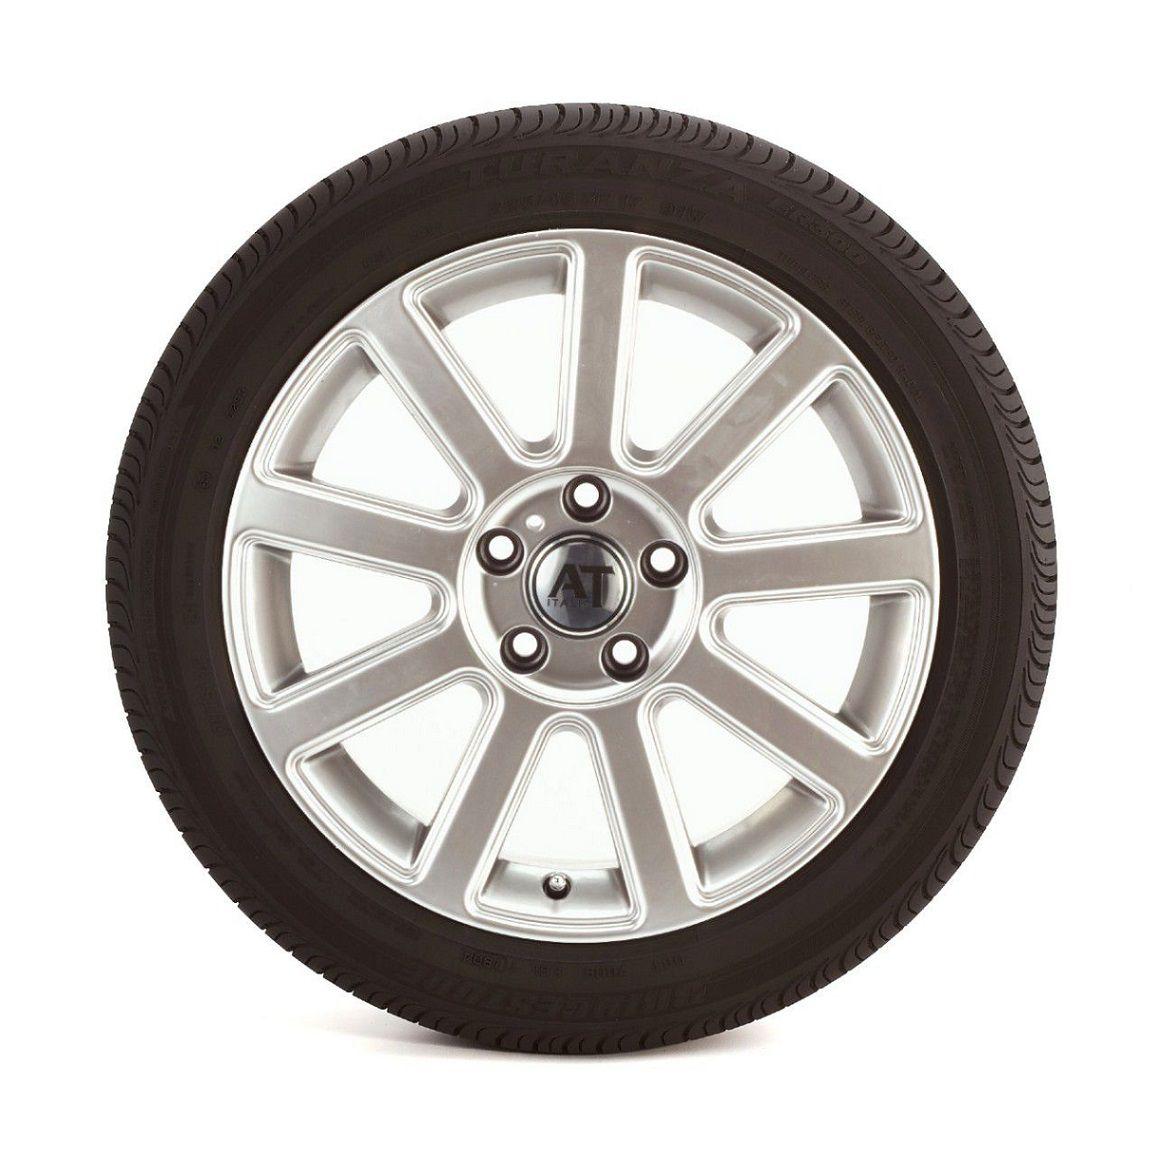 Pneu 235/60 R 16 - Turanza Er300 100h - Bridgestone